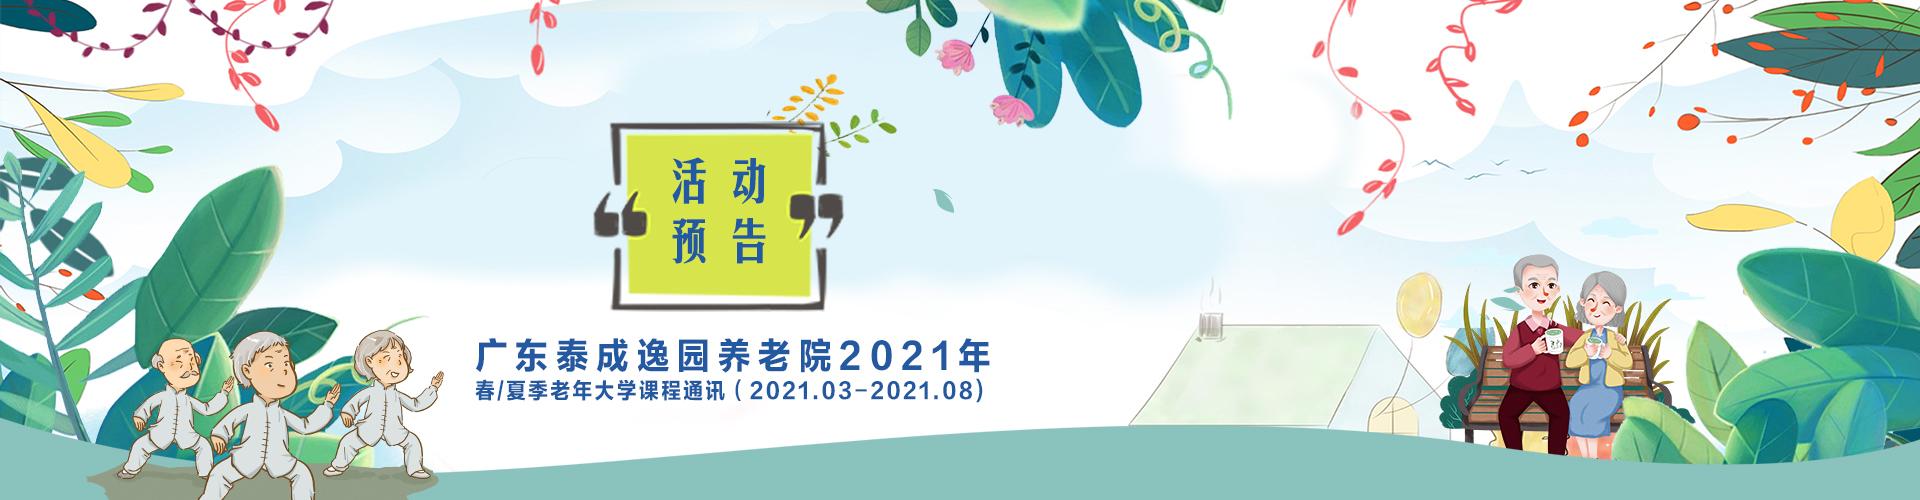 广东泰成逸园养老院2021年老年大学课程通讯